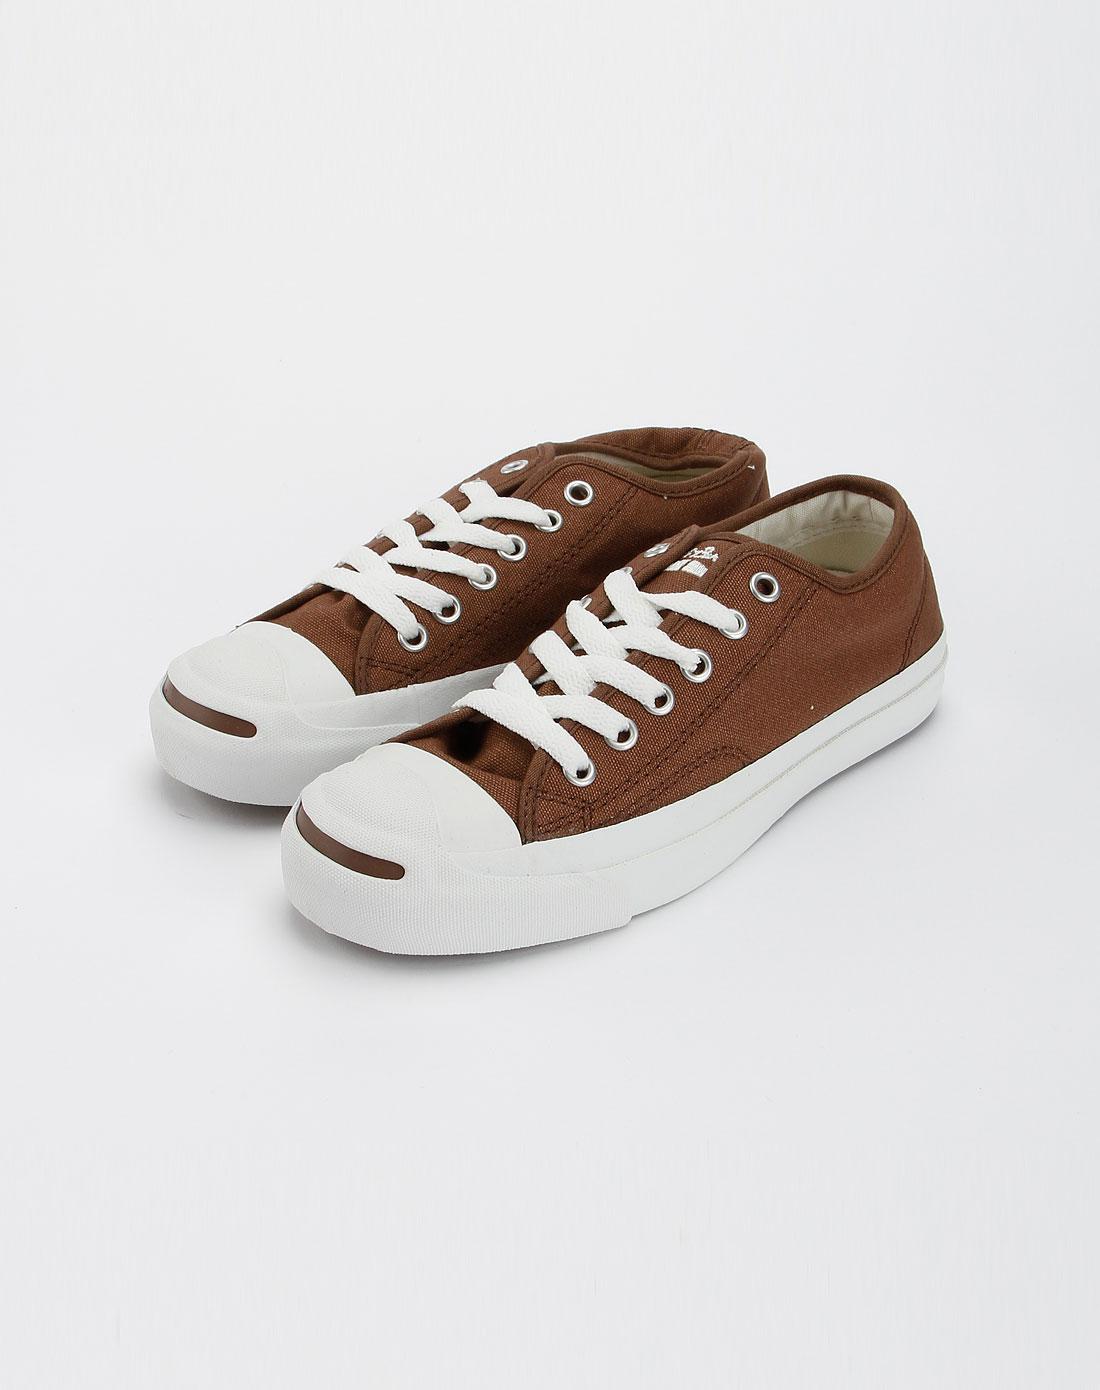 低帮帆布鞋品牌图片